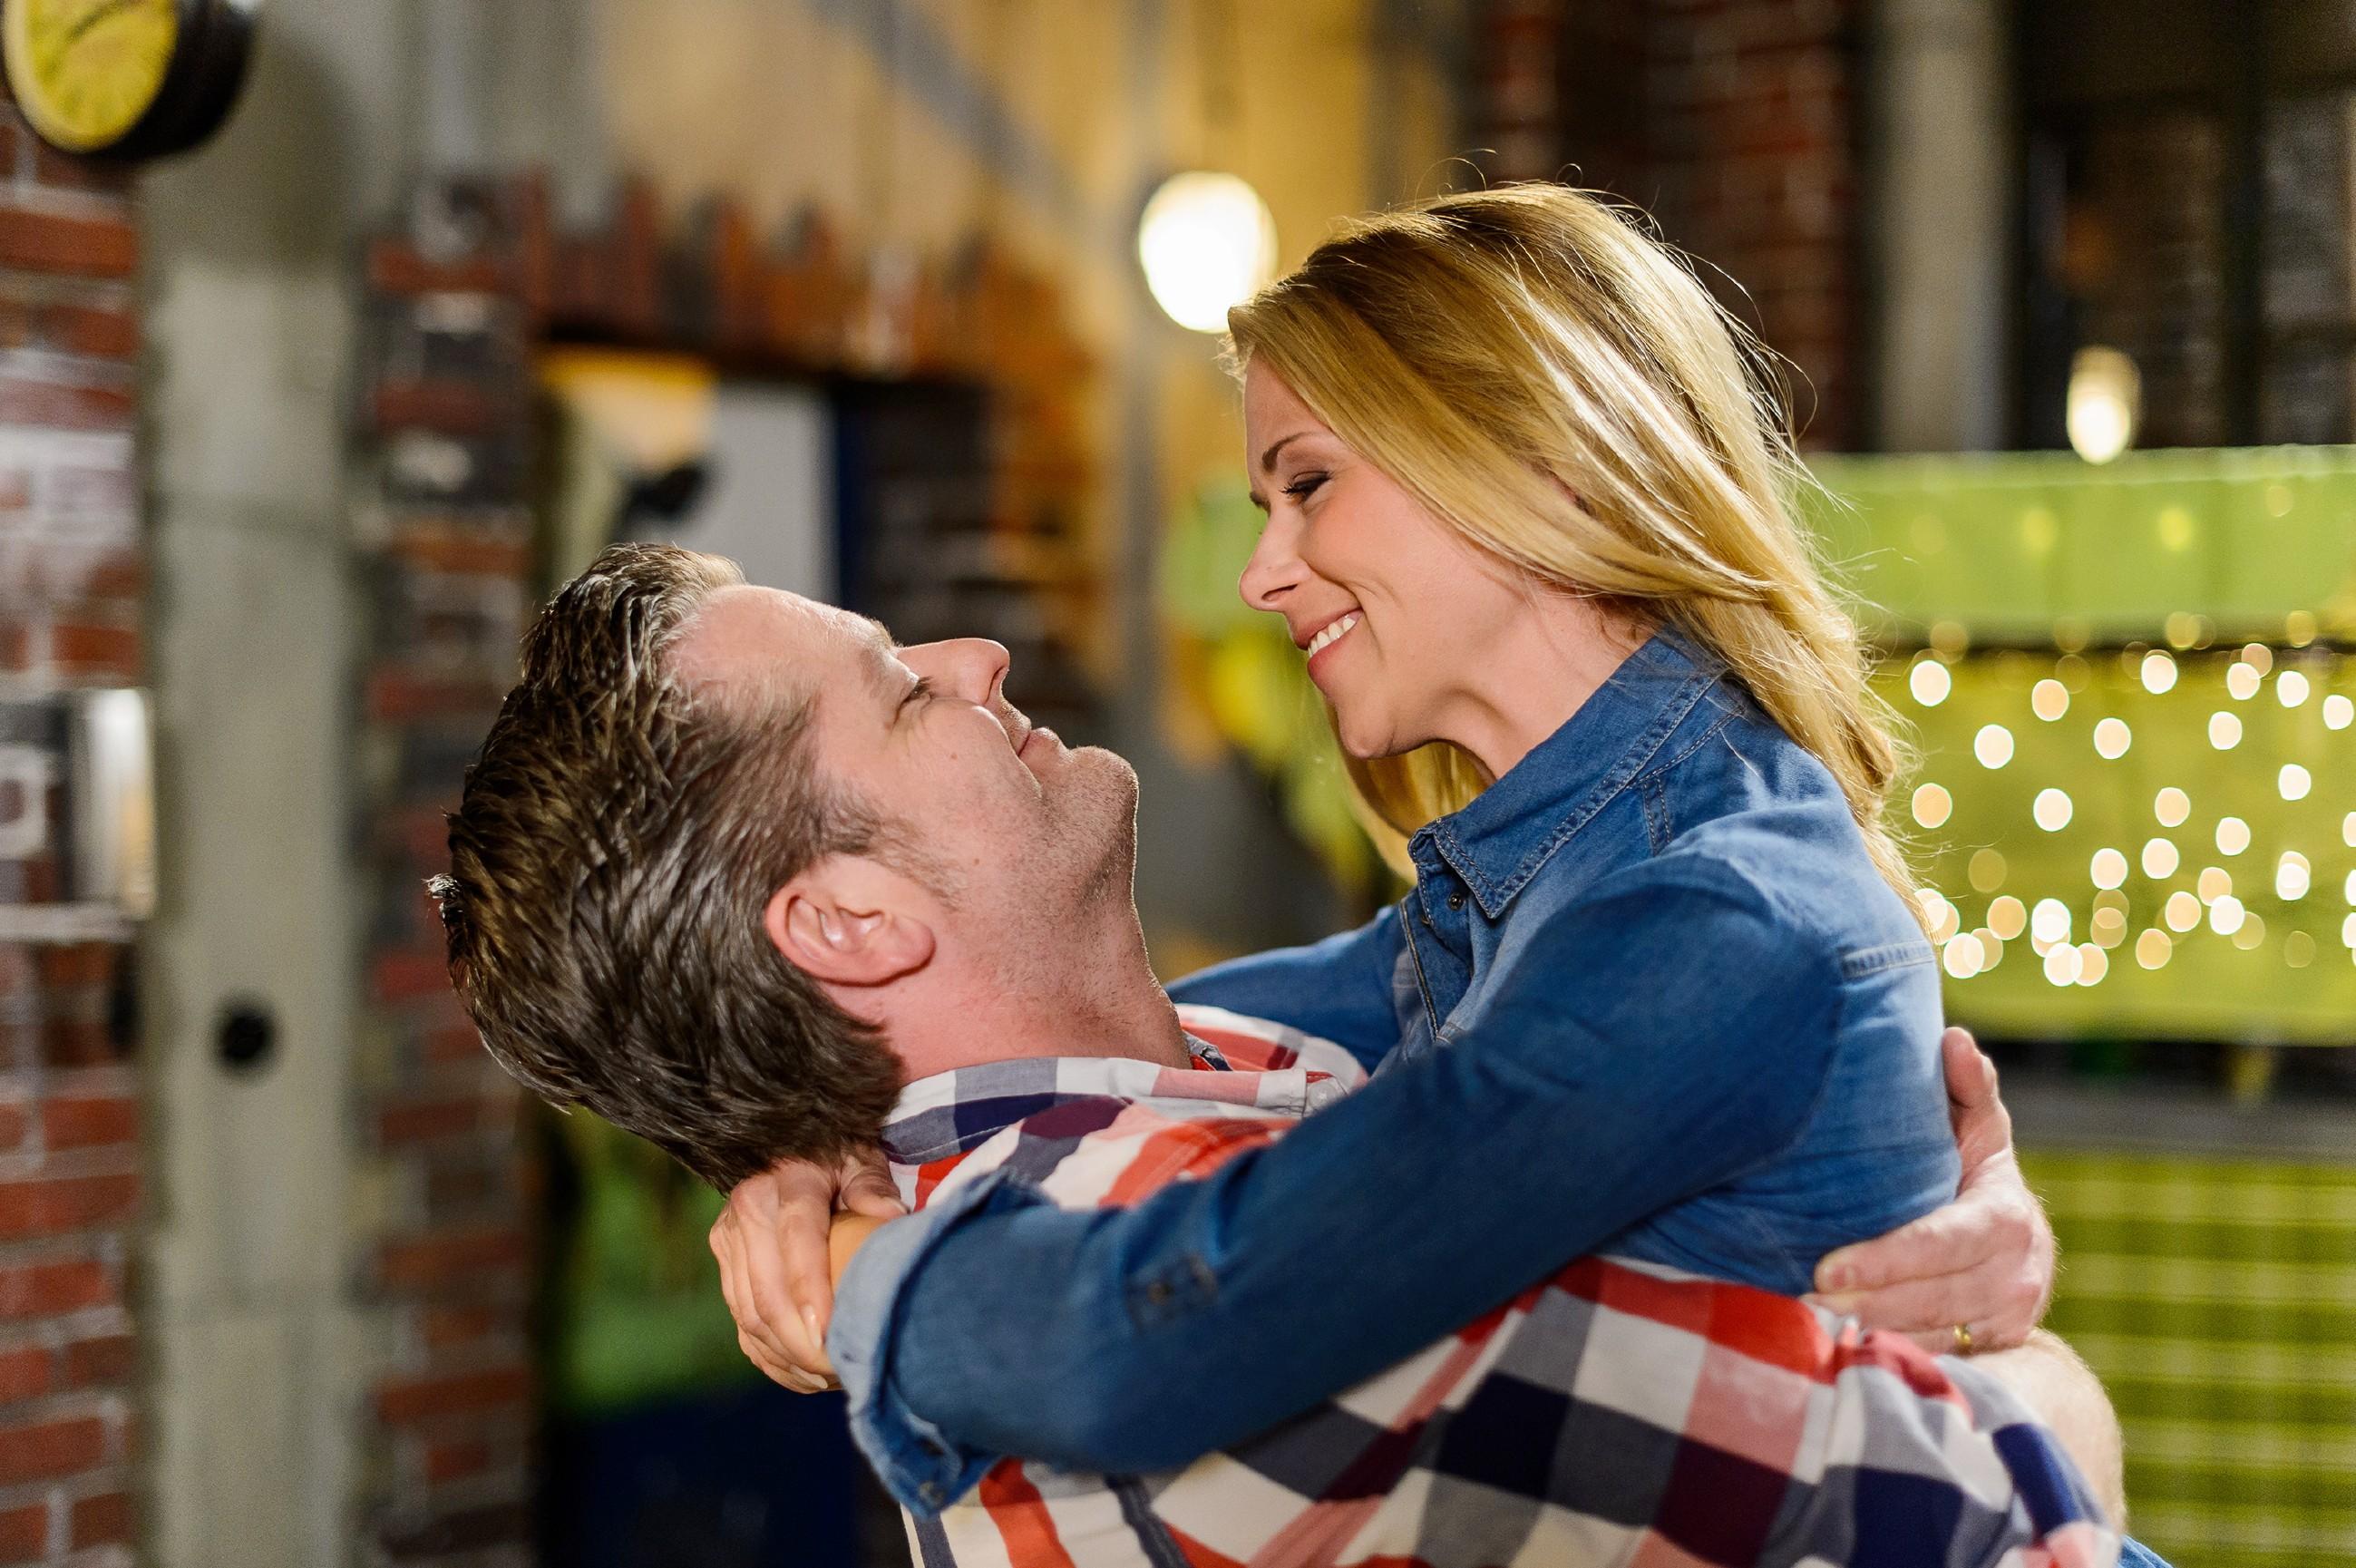 Als Ingo (André Dietz) ihr klarmacht, wie besonders sie ist, gibt Diana (Tanja Szewczenko) endlich ihren Gefühlen für ihn nach... (Quelle: RTL / Willi Weber)